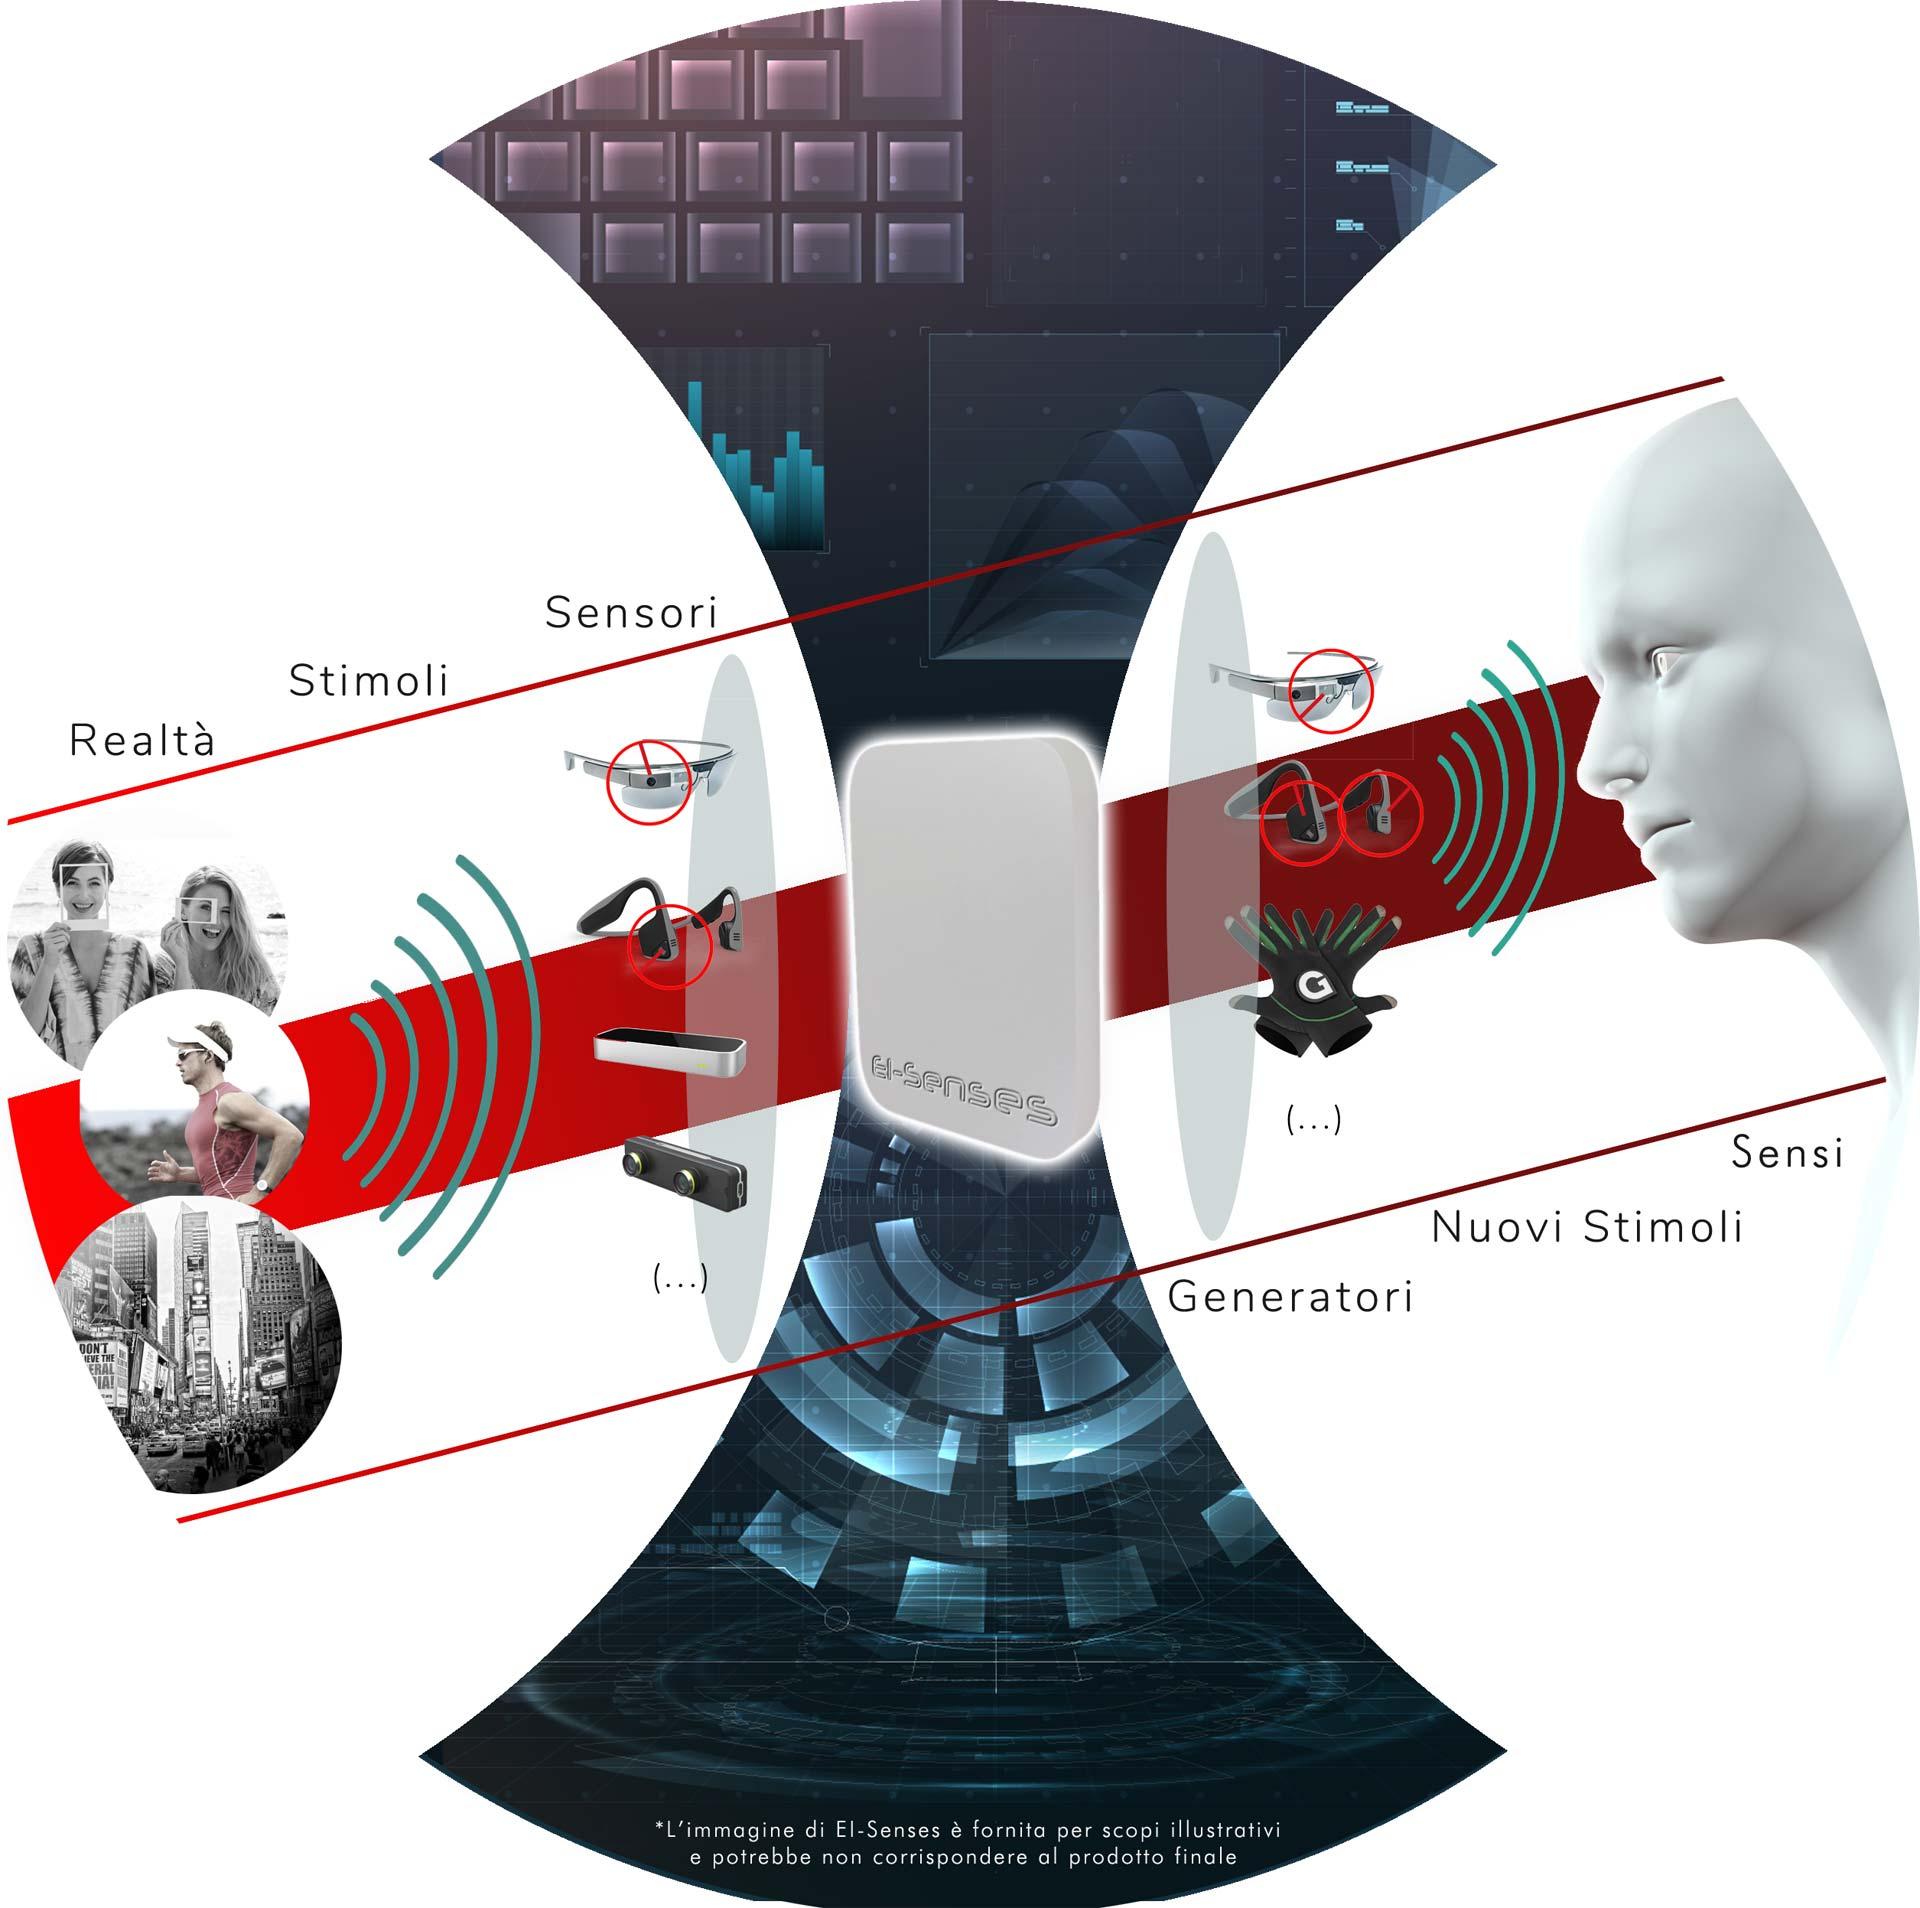 Flusso funzionamento prodotto, mostra in ordine: realtà stimoli sensori EI-SENSES generatori nuovi stimoli sensi